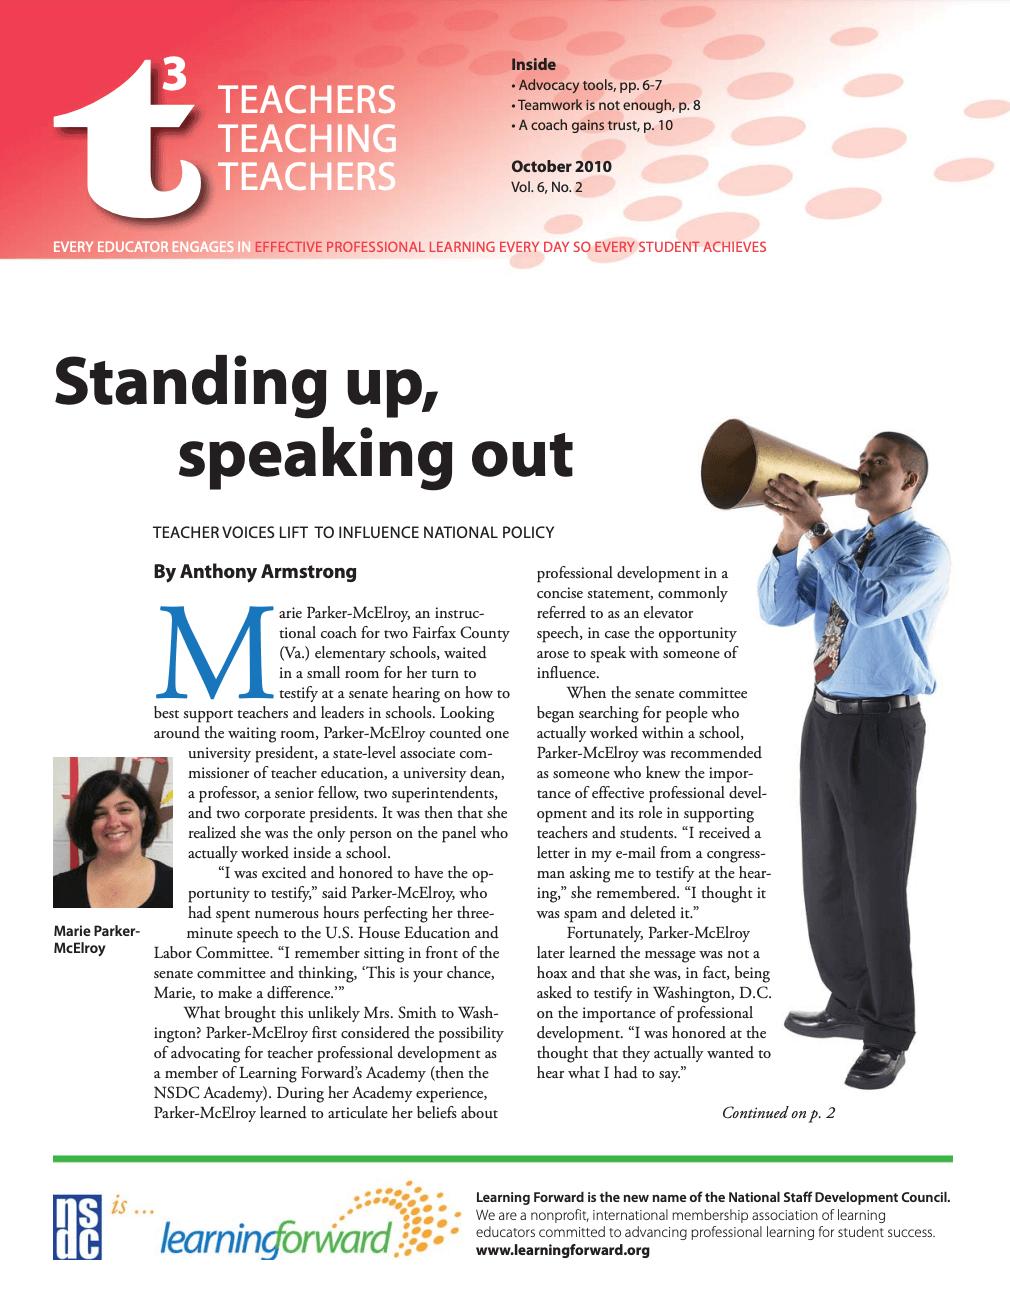 teachers-teaching-teachers-october-2010-vol-6-no-2